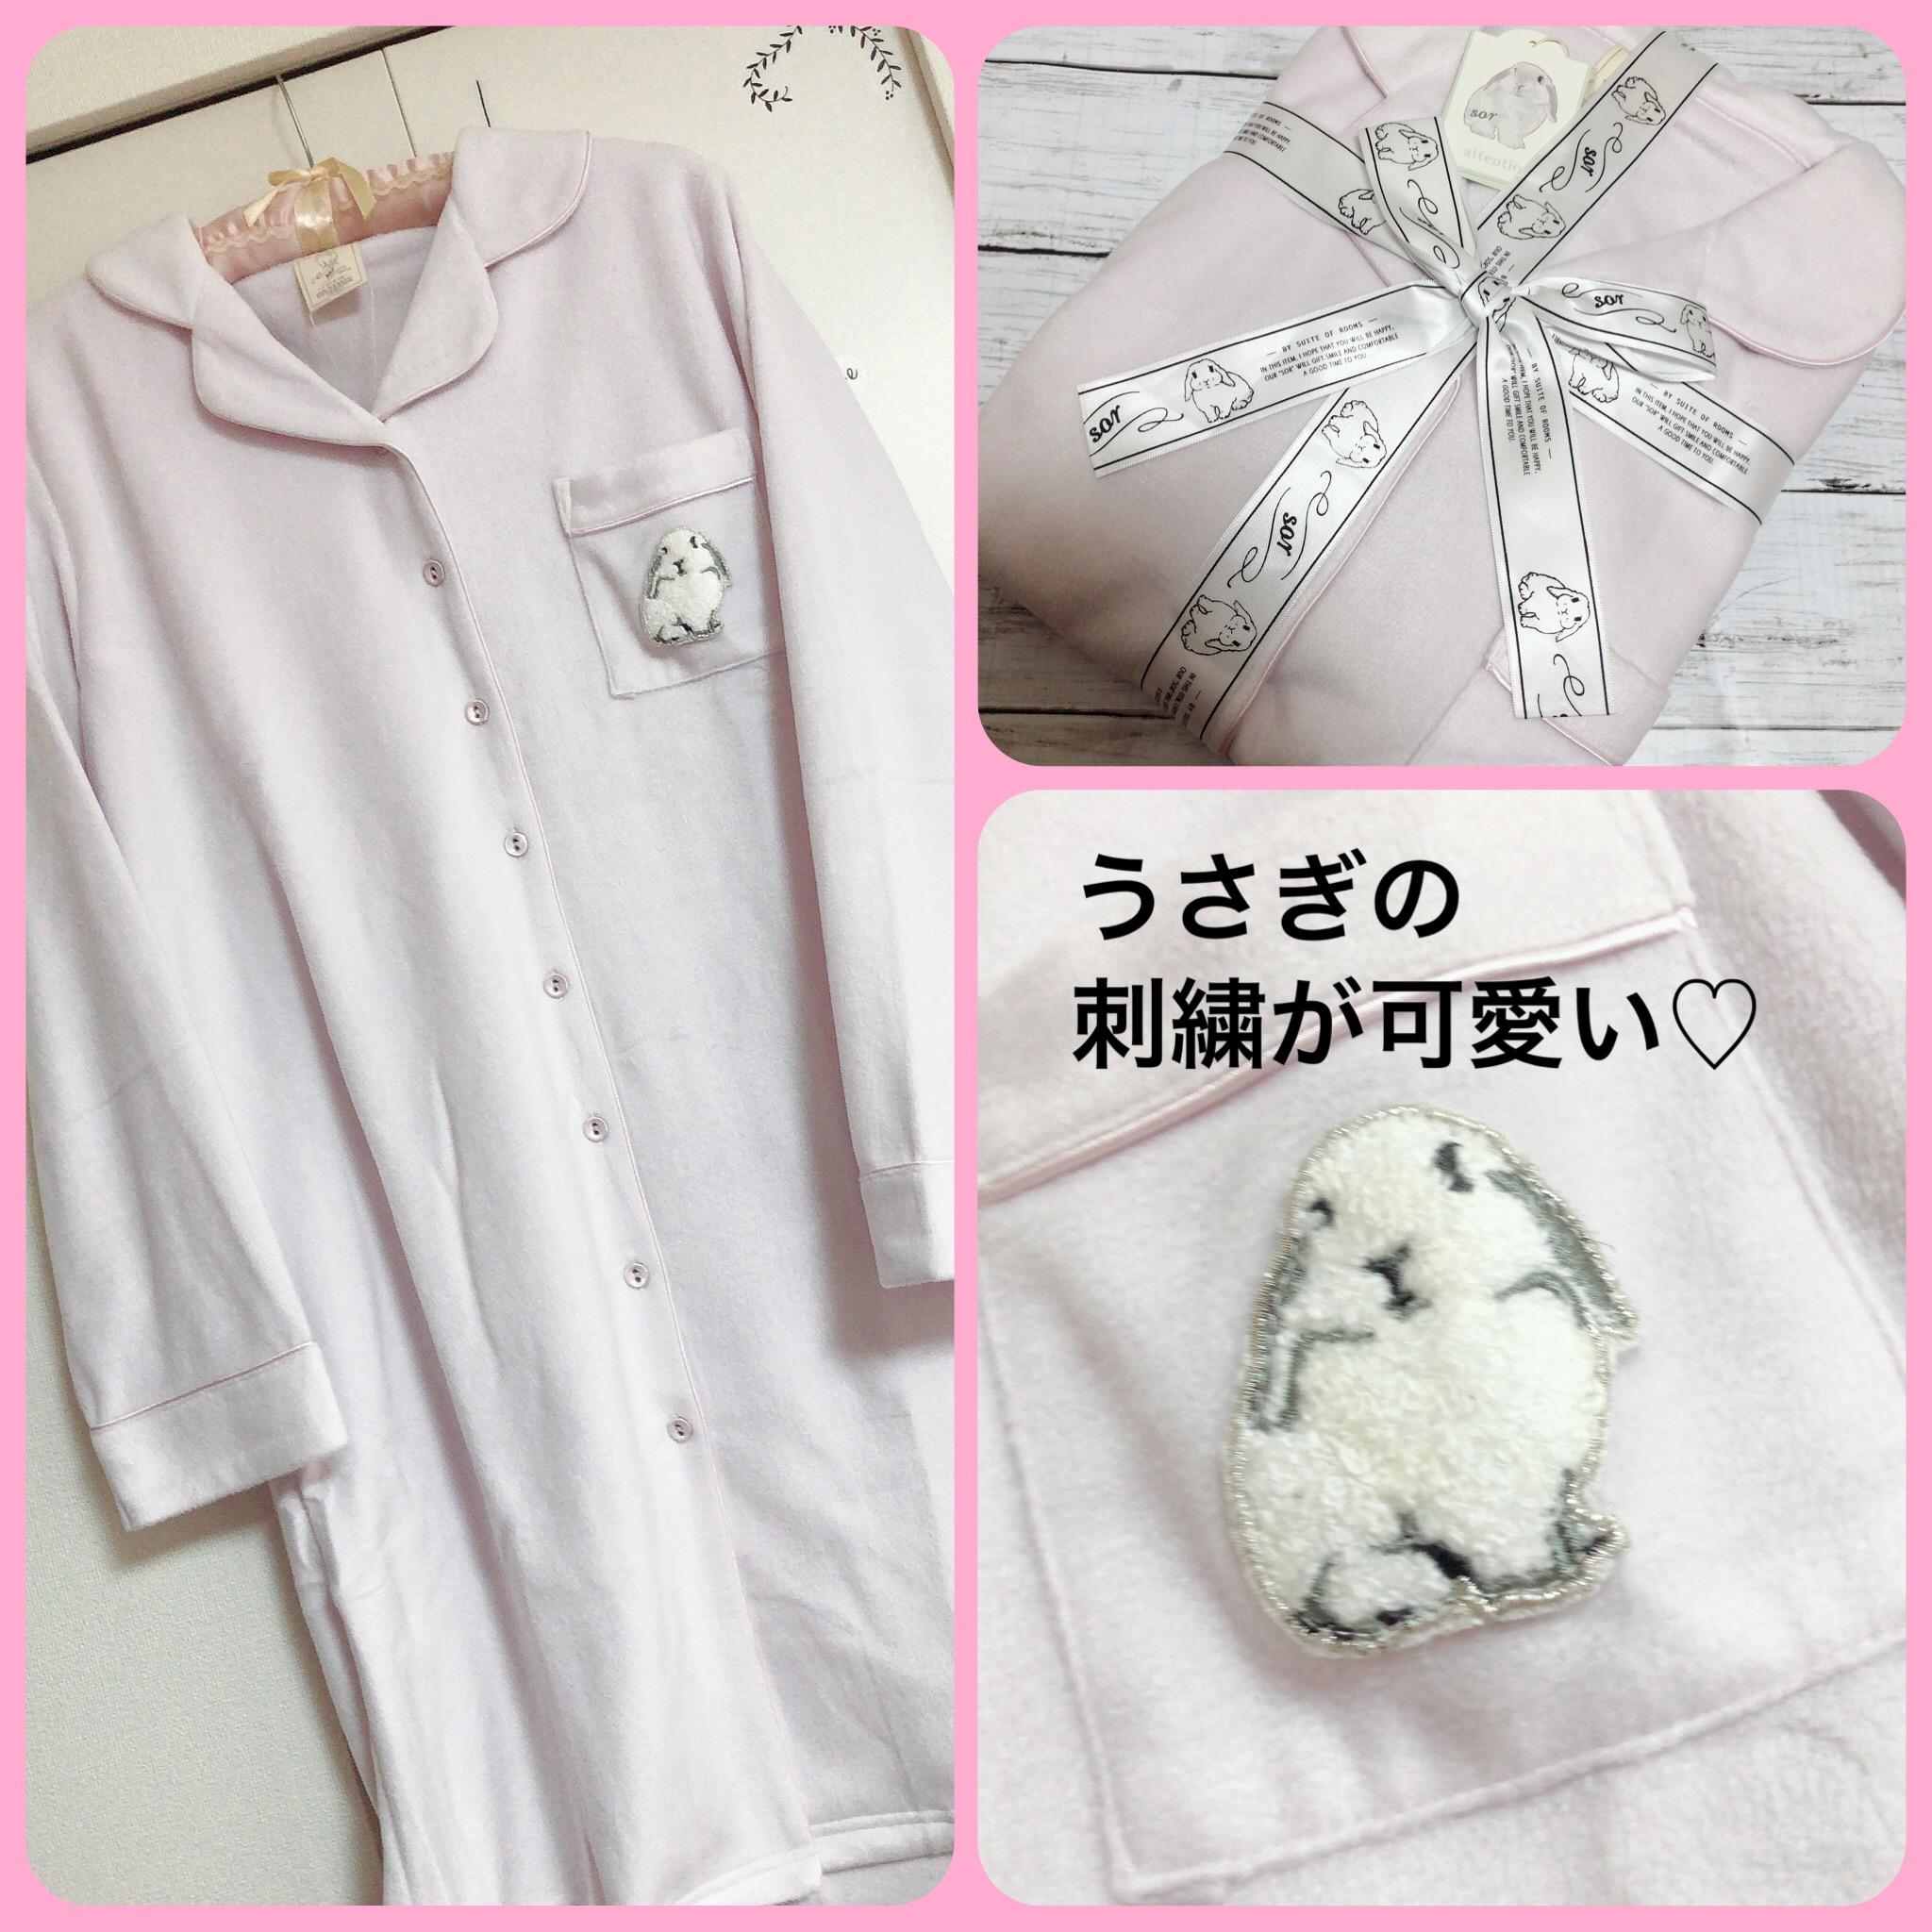 うさぎさんが可愛い♡Suite of rooms スイートルームコレクション★うさぎの刺繍 フリース ワンピース♡_4